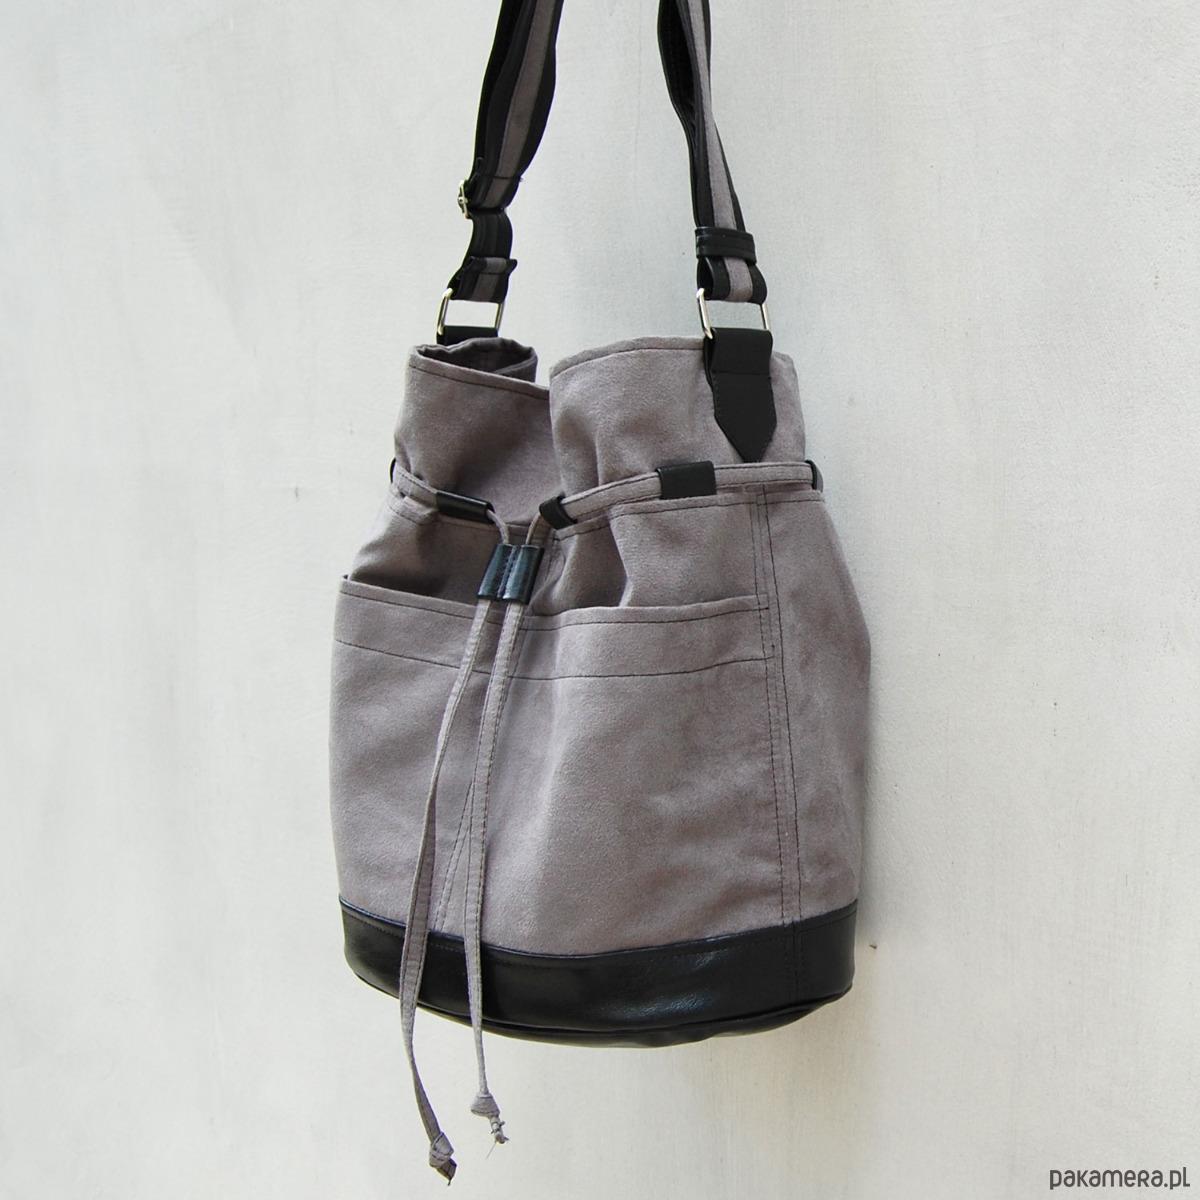 435eabd0f31b0 YOCCA - torba worek - szary z czarnym - torby na ramię - damskie -  Pakamera.pl